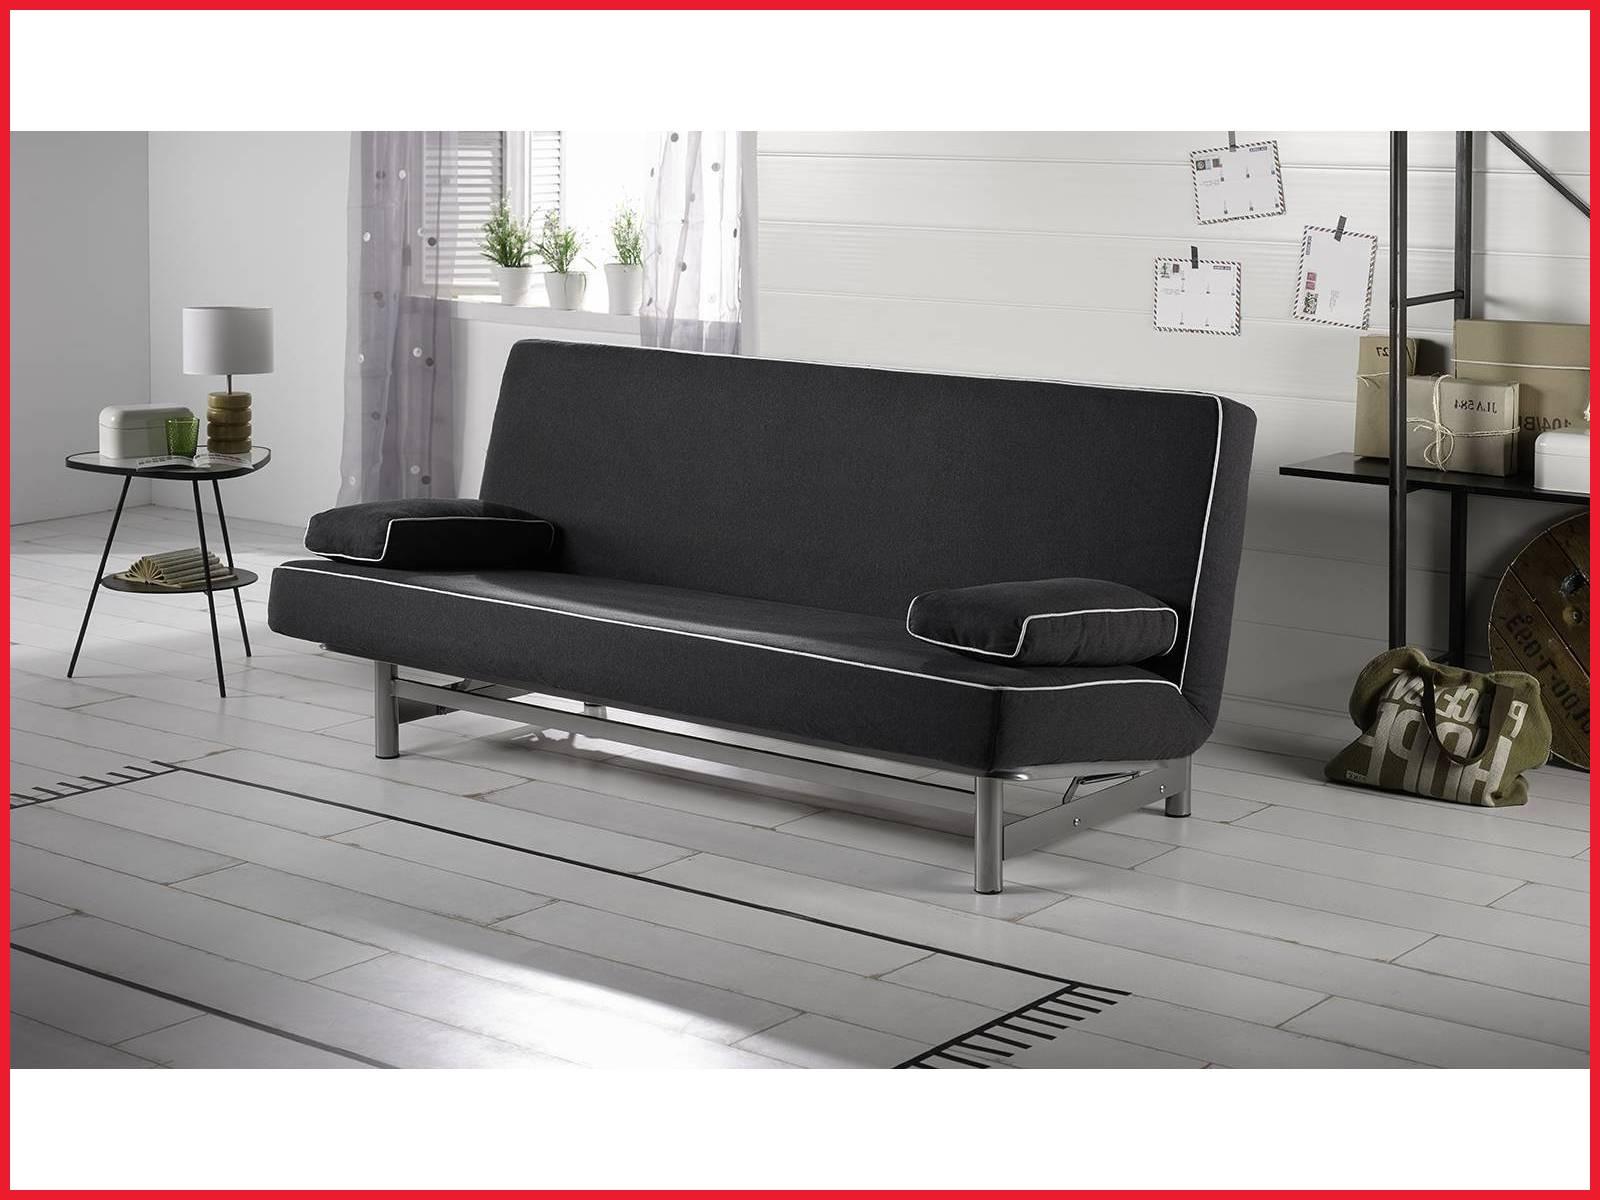 Merkamueble sofas 9ddf Merkamueble sofas Cama sofà Cama Clic Clac Modelo Guinea